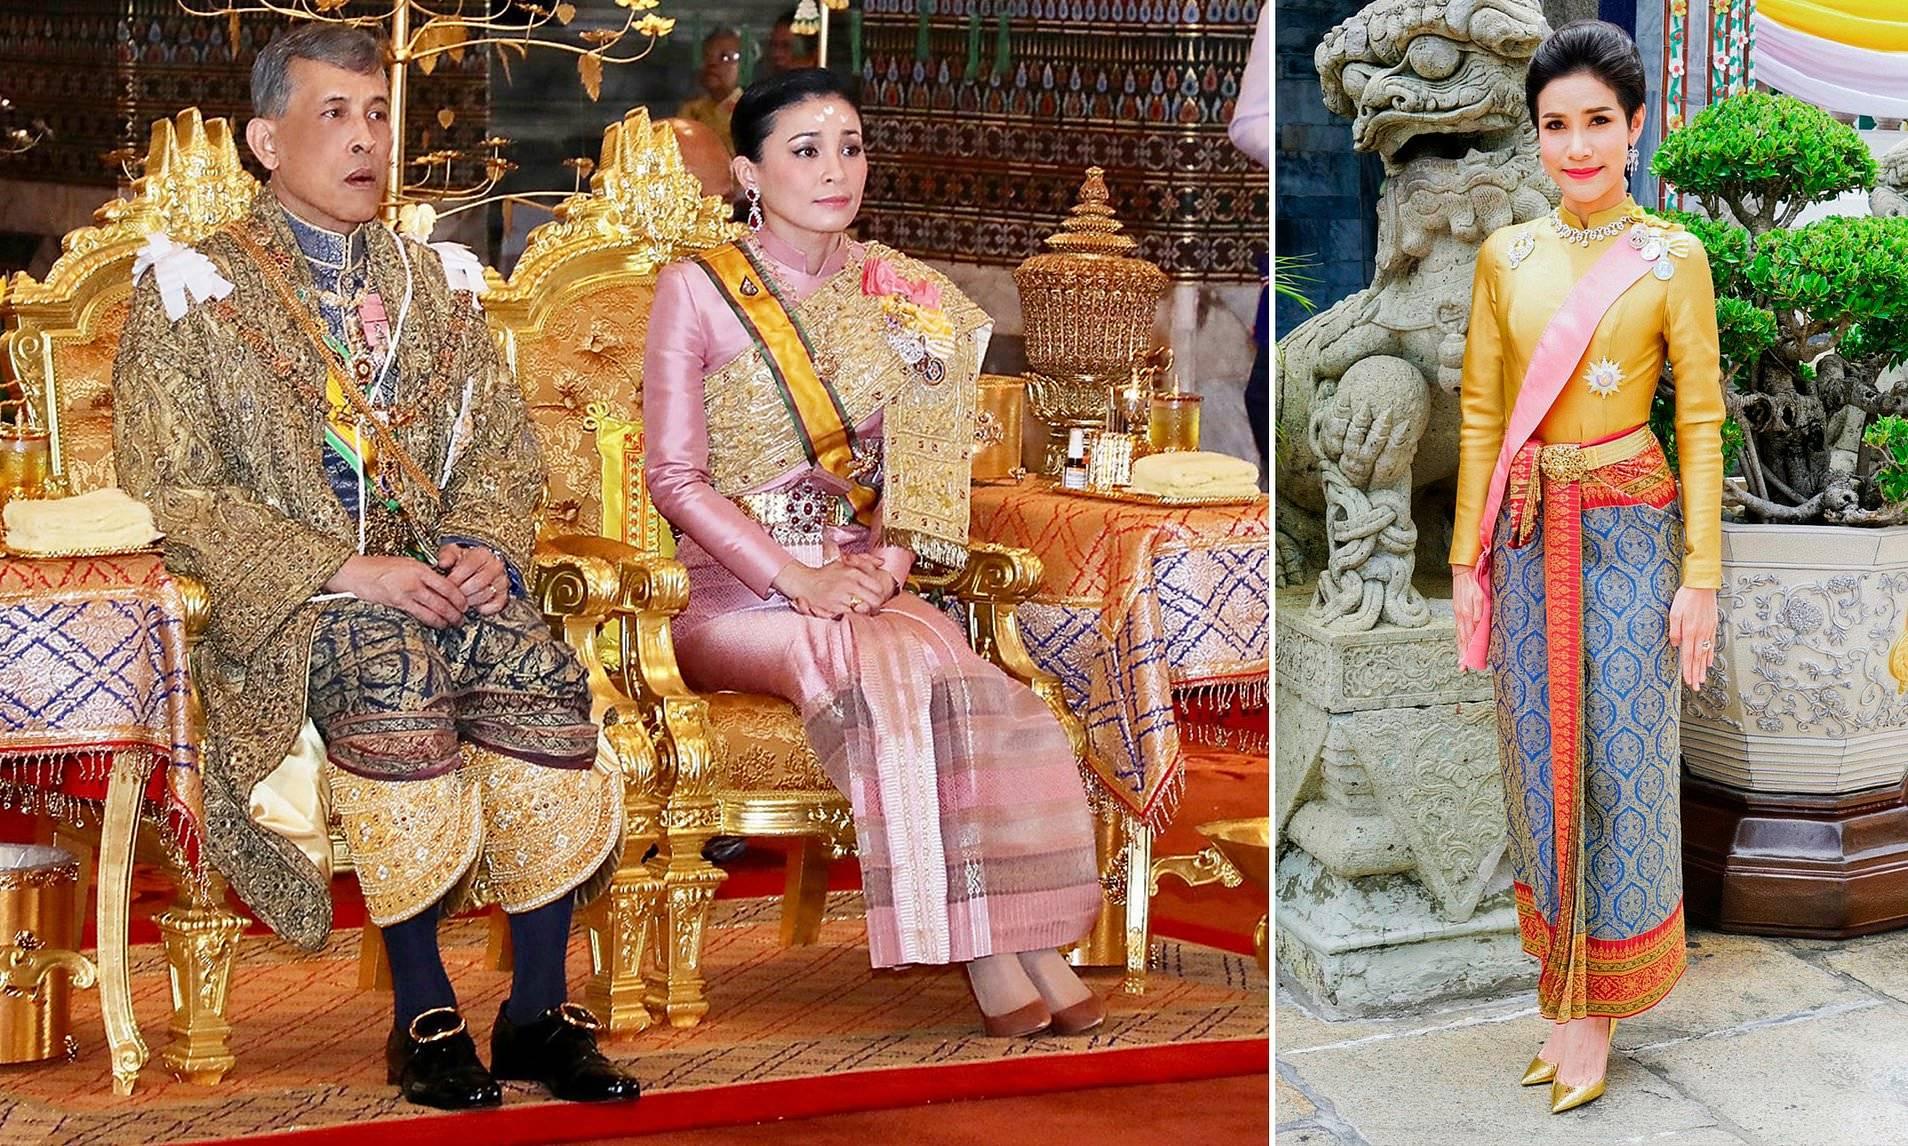 泰国王室宫斗新剧情!诗妮娜贵妃出狱去德国重新得宠,王后悲剧了_苏提达